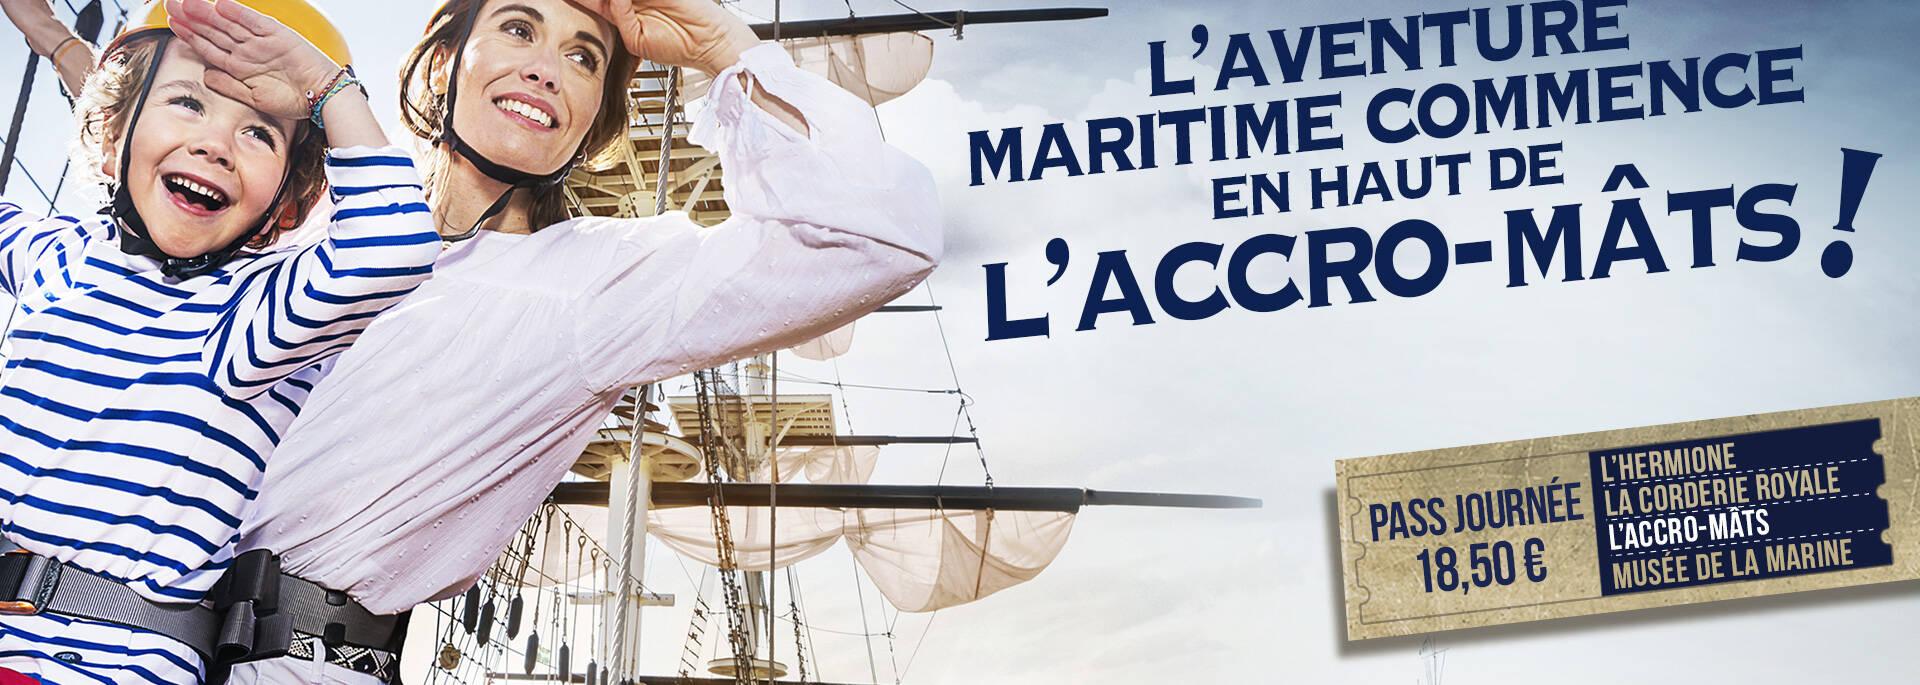 L'Arsenal des mers avec la découverte de l'accro-mât  ©LWMR